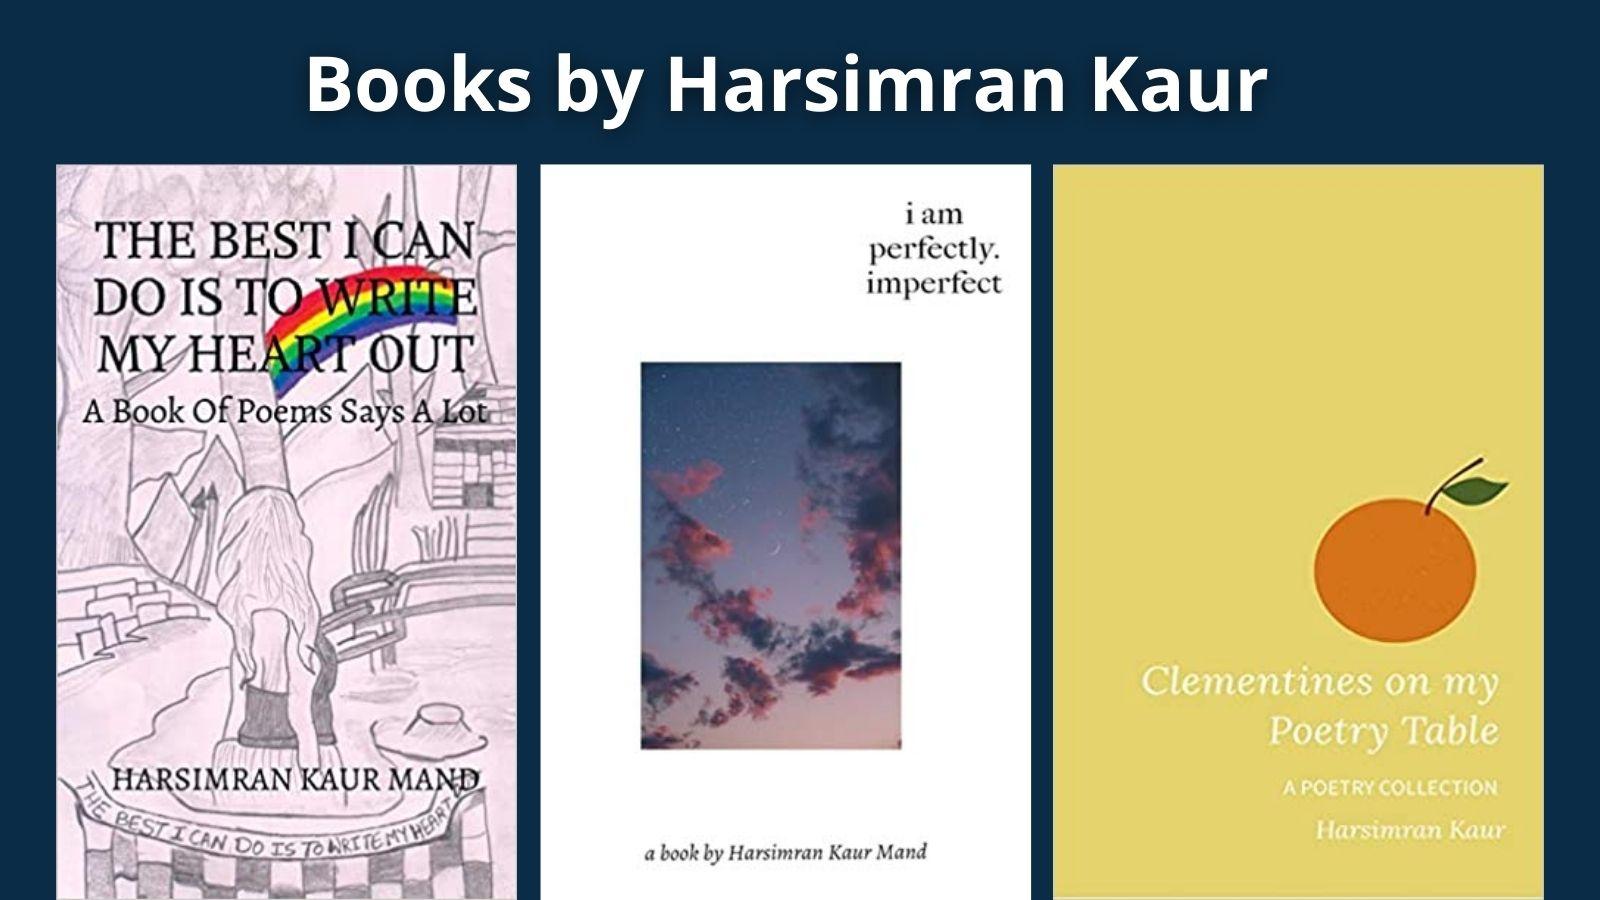 harsimran kaur books